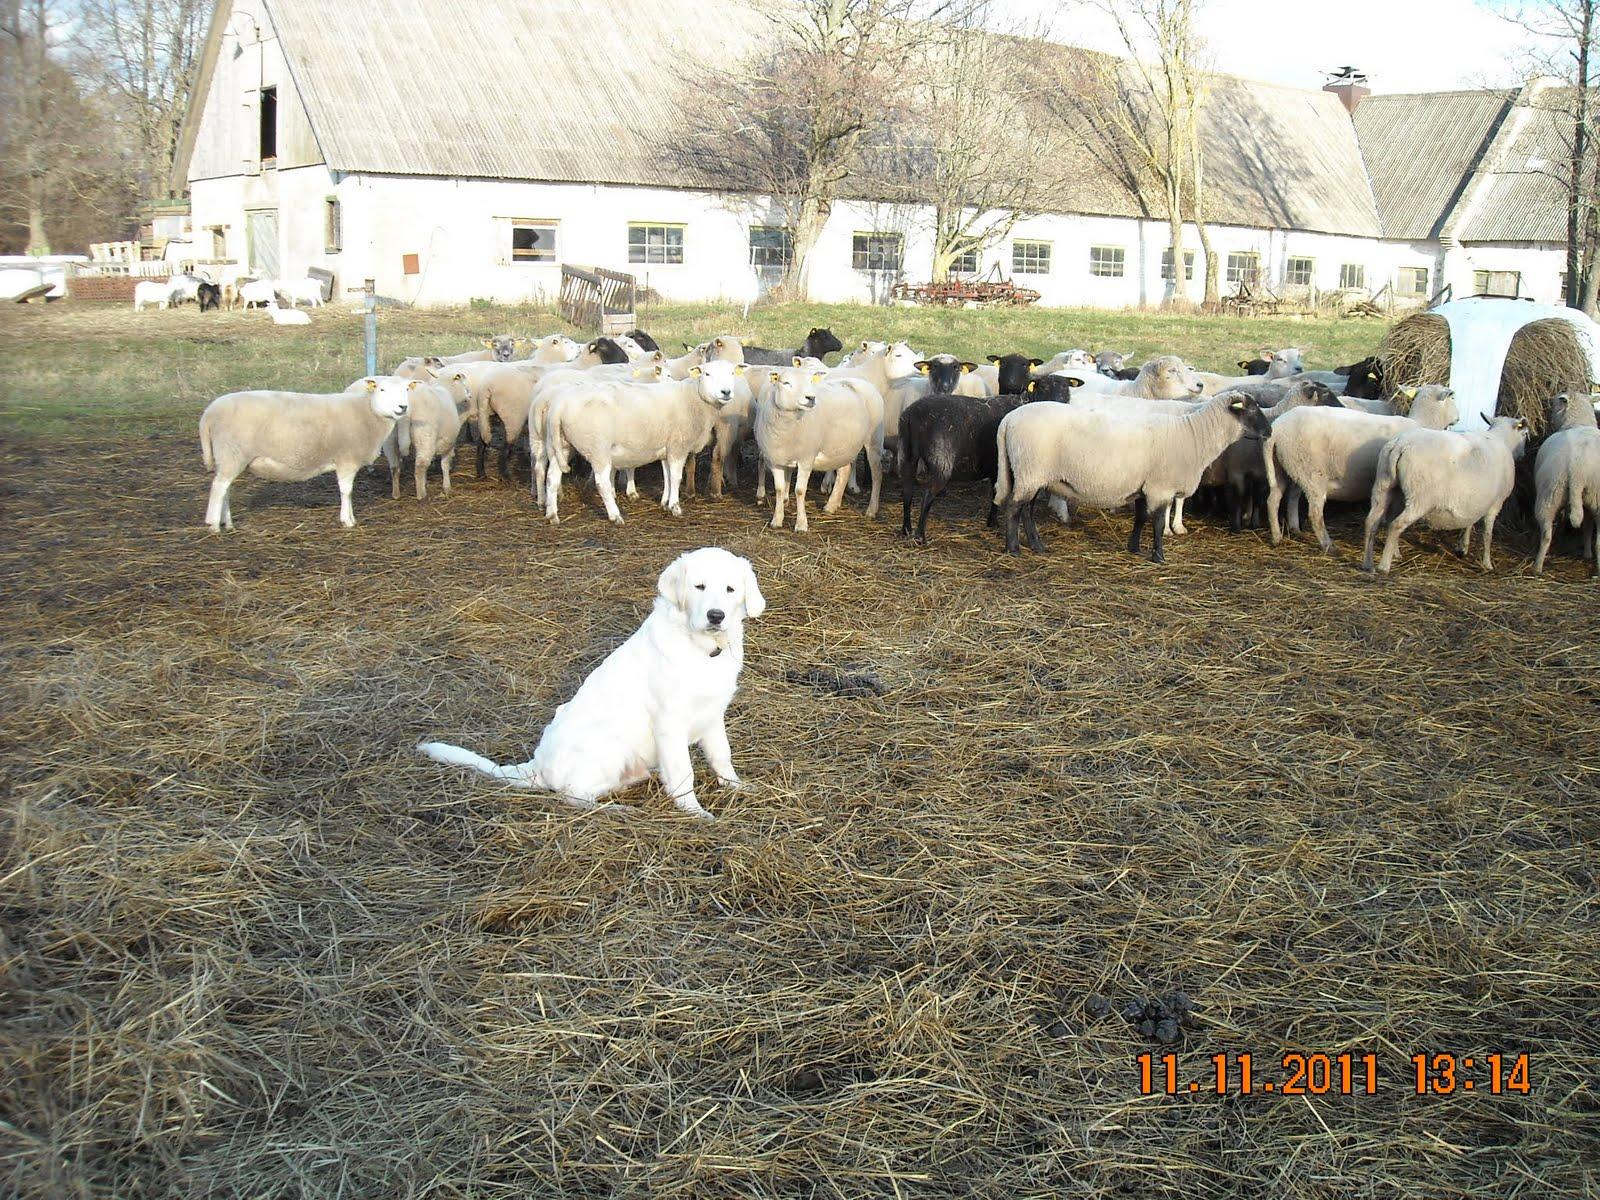 f1023b685ea Mäletan, et algul ei ulatanud kutsad korralikult lammaste jooginõust  joomagi - nüüd panevad nad sealt juba vabalt.